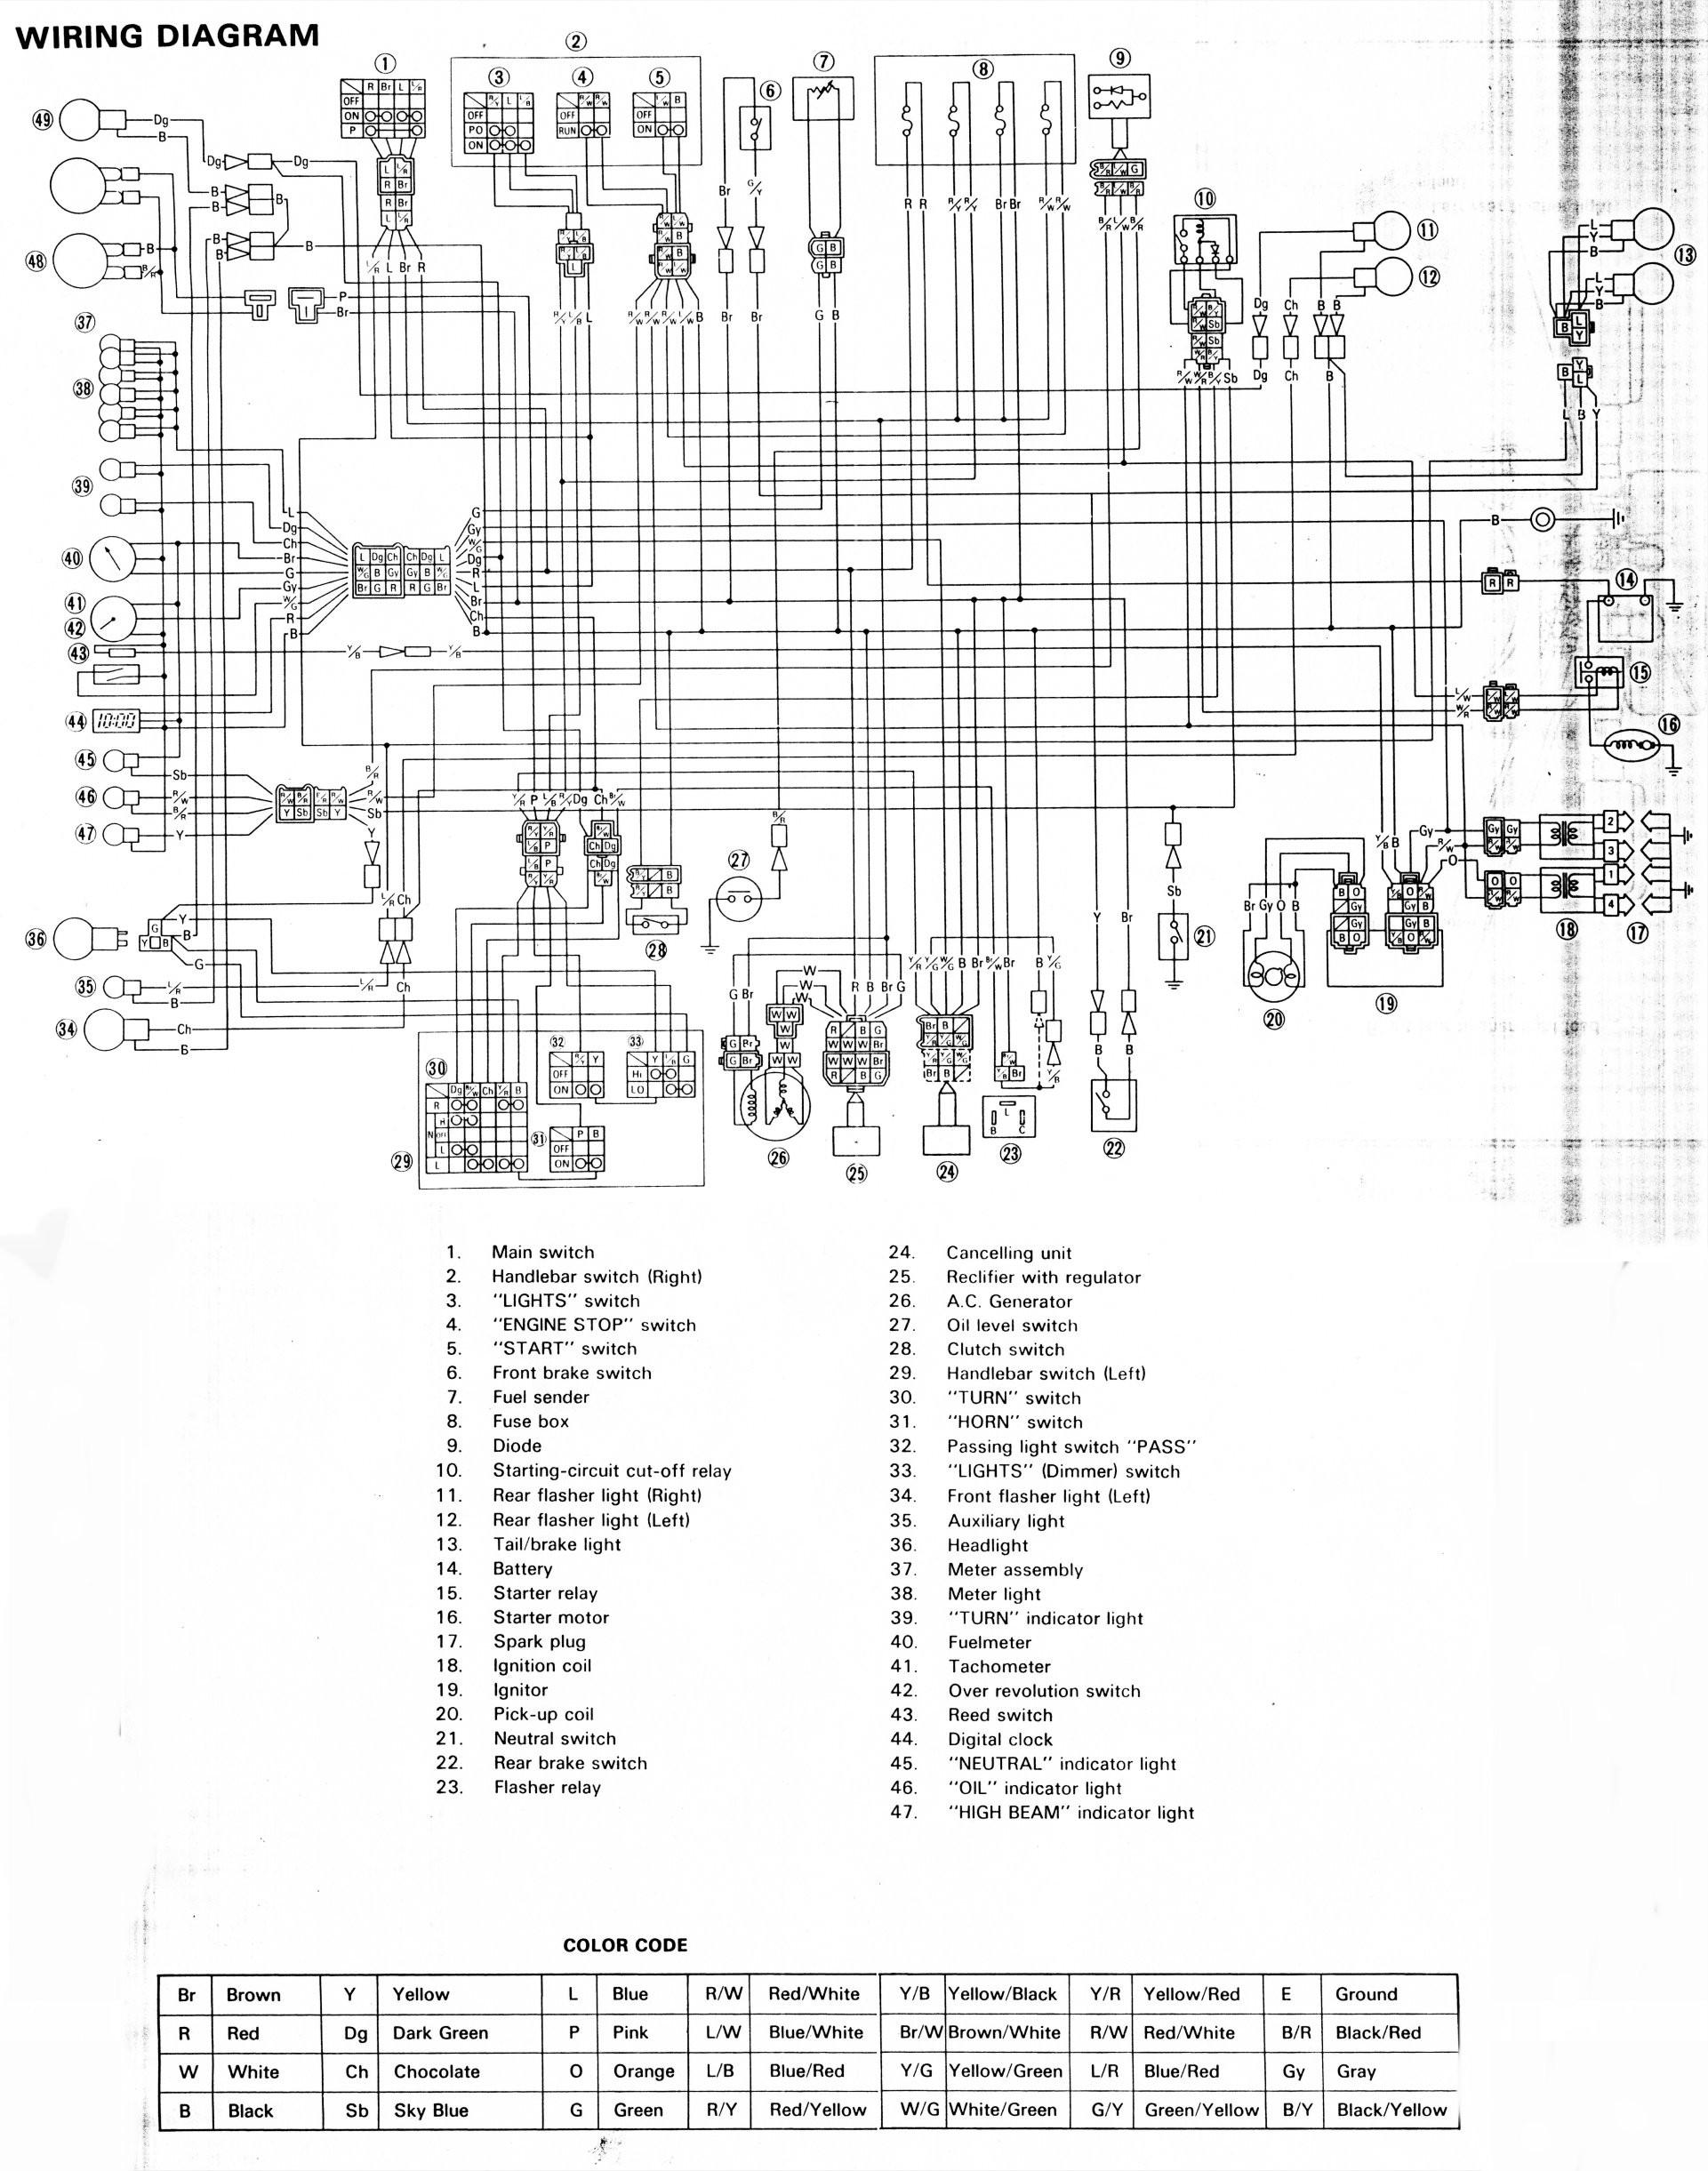 Yamaha Motorcycle Electrical Wiring Diagram - Free Vehicle Wiring ...